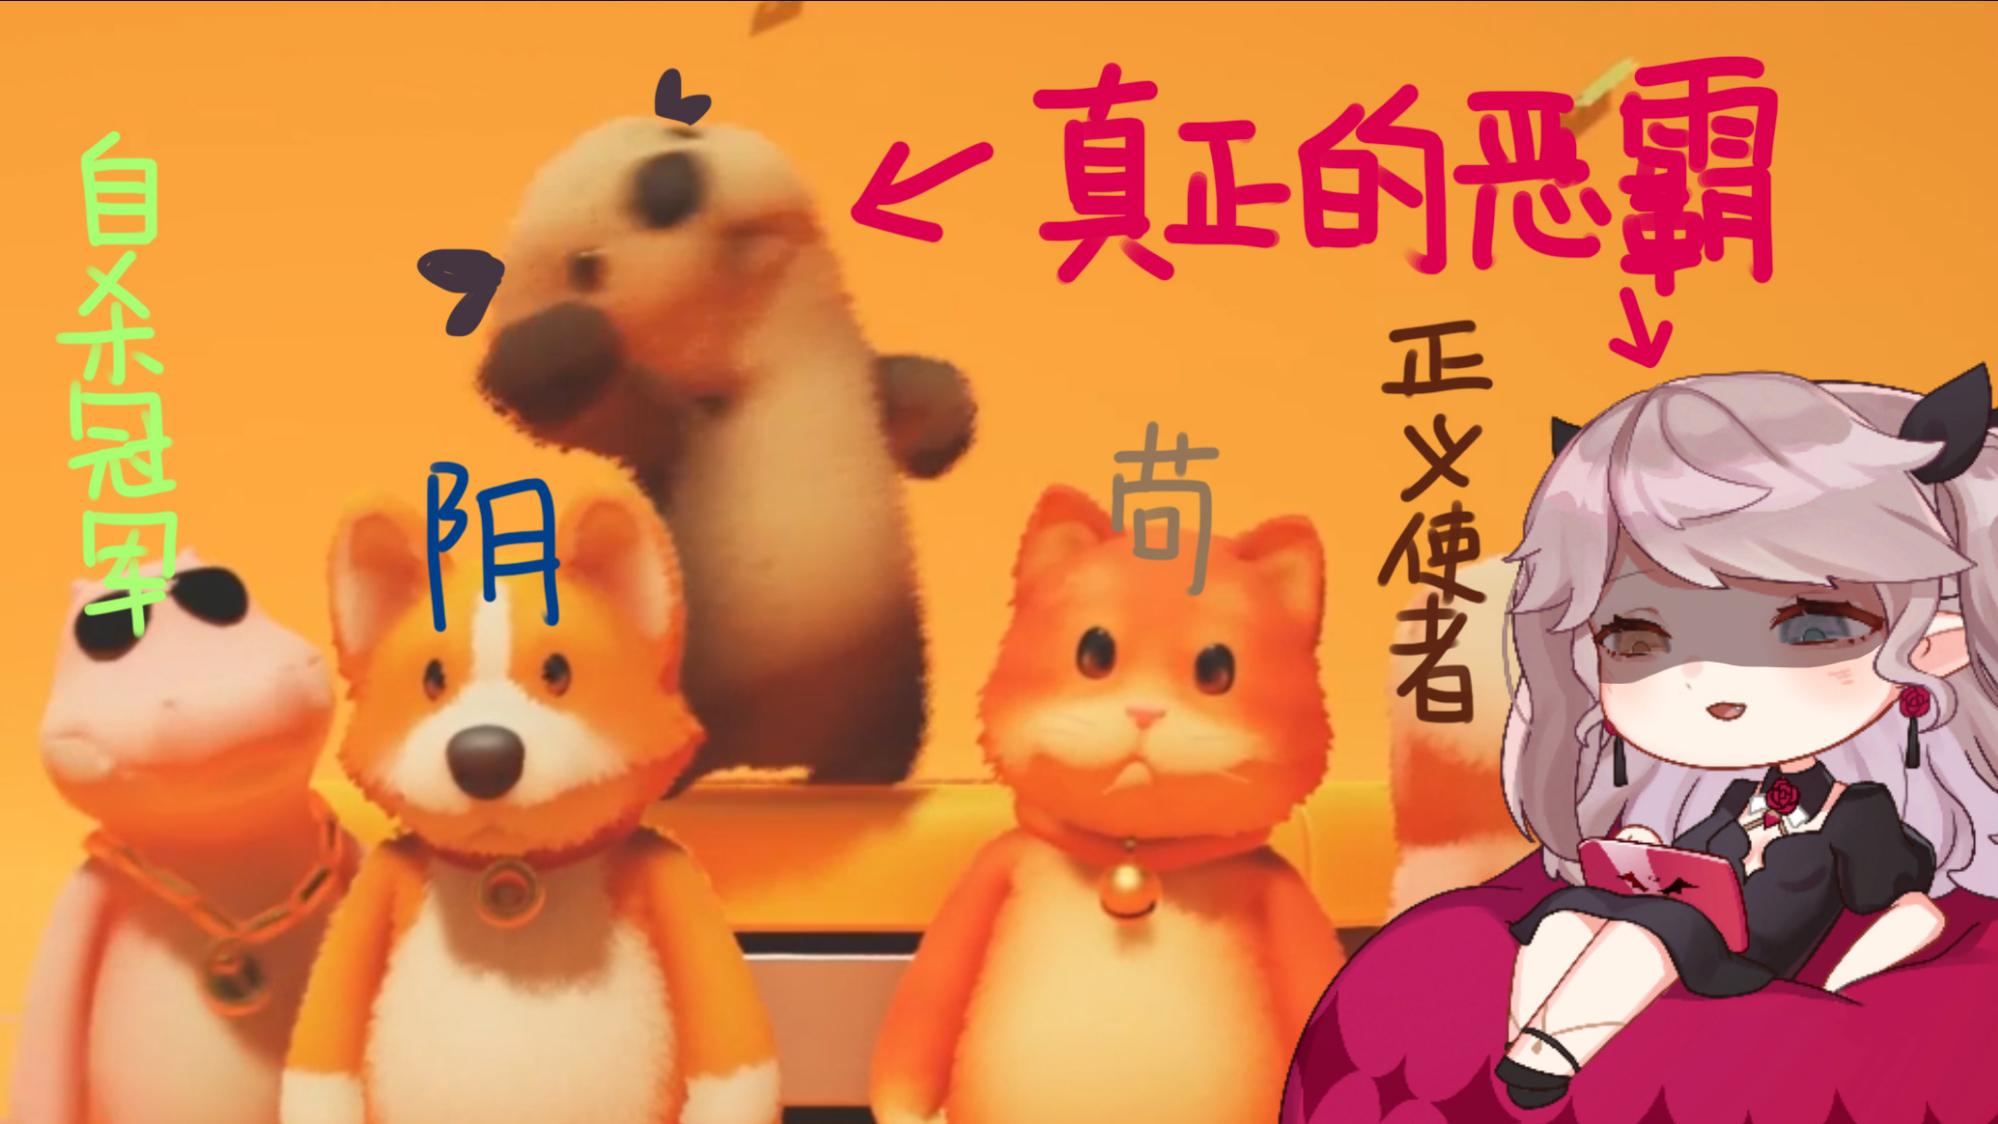 【超A新生计划】【马卡】☆就这也配欺负我?论如何暴揍臭DD☆动物派对录播cut